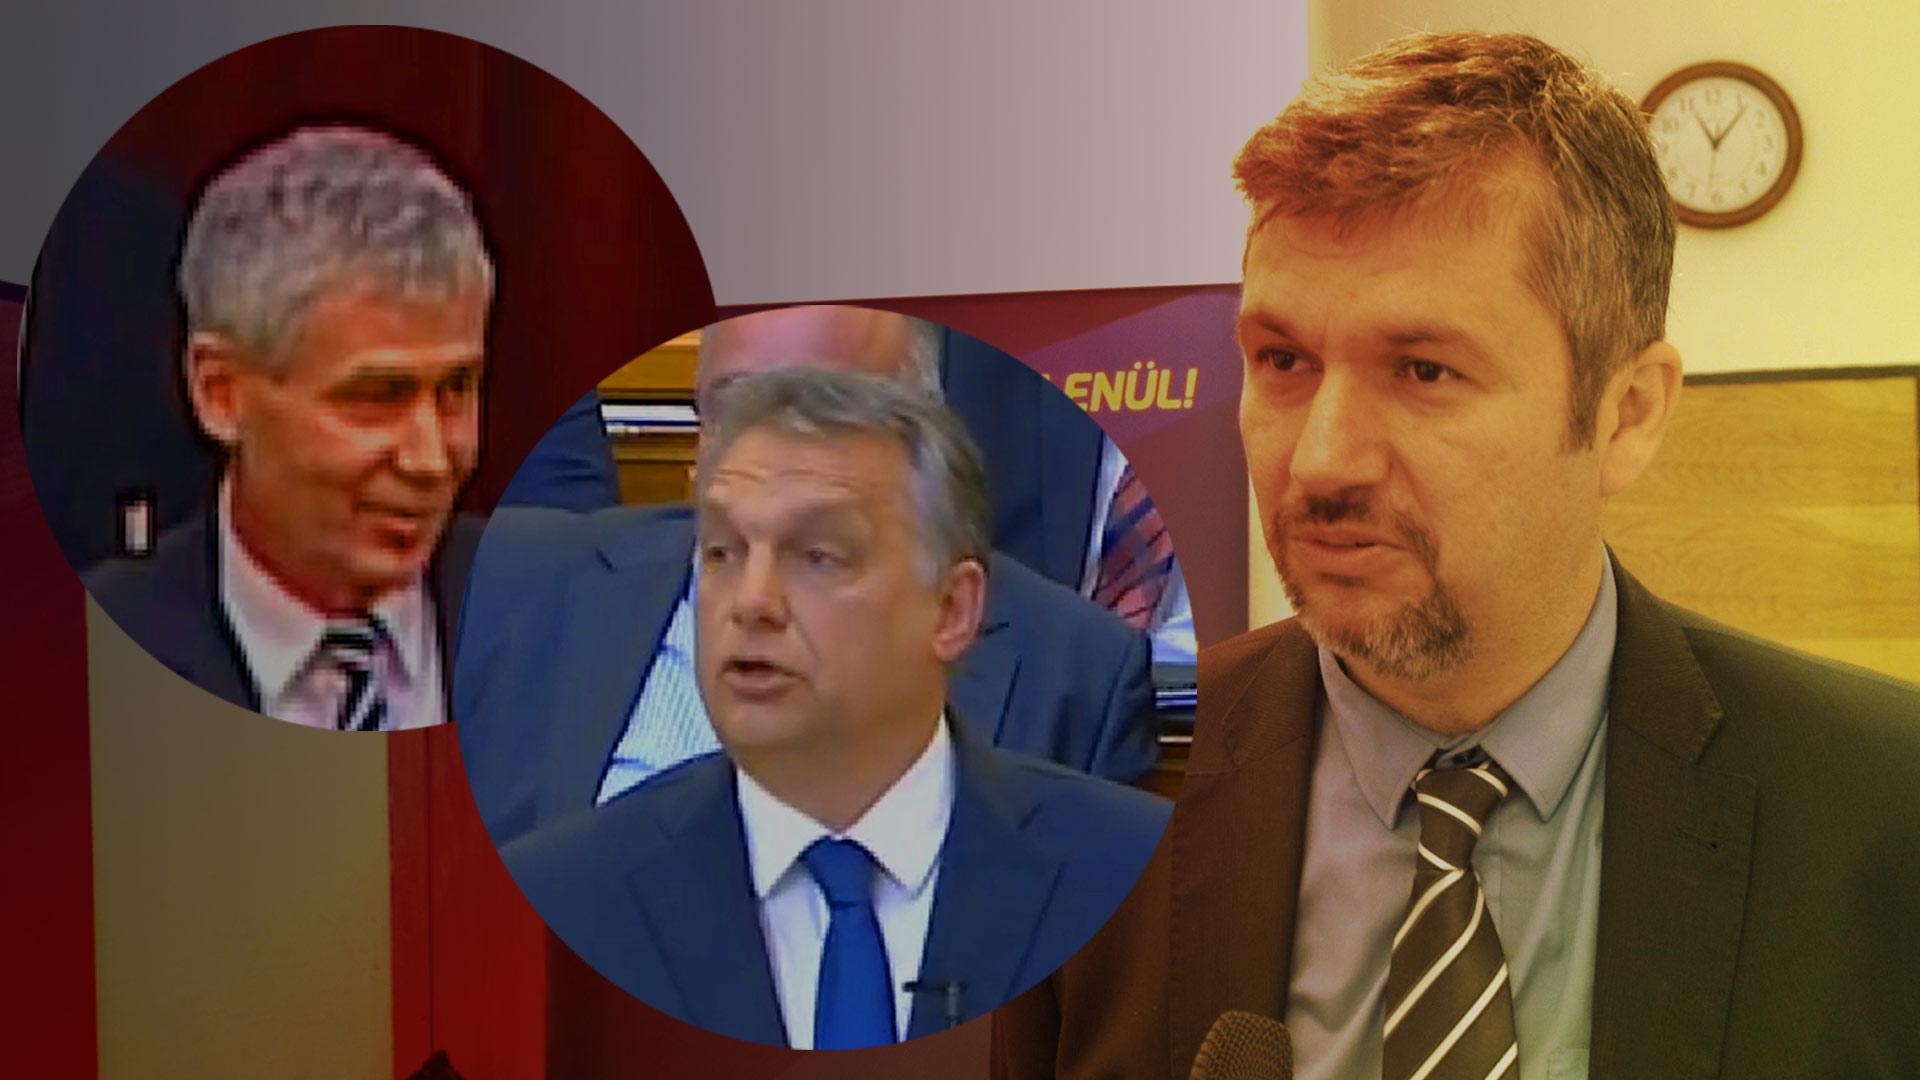 Magyar ügyészek nyomoznának az Európai Ügyészség által elindított ügyekben, de Polt Péter nem tudná leállítani őket